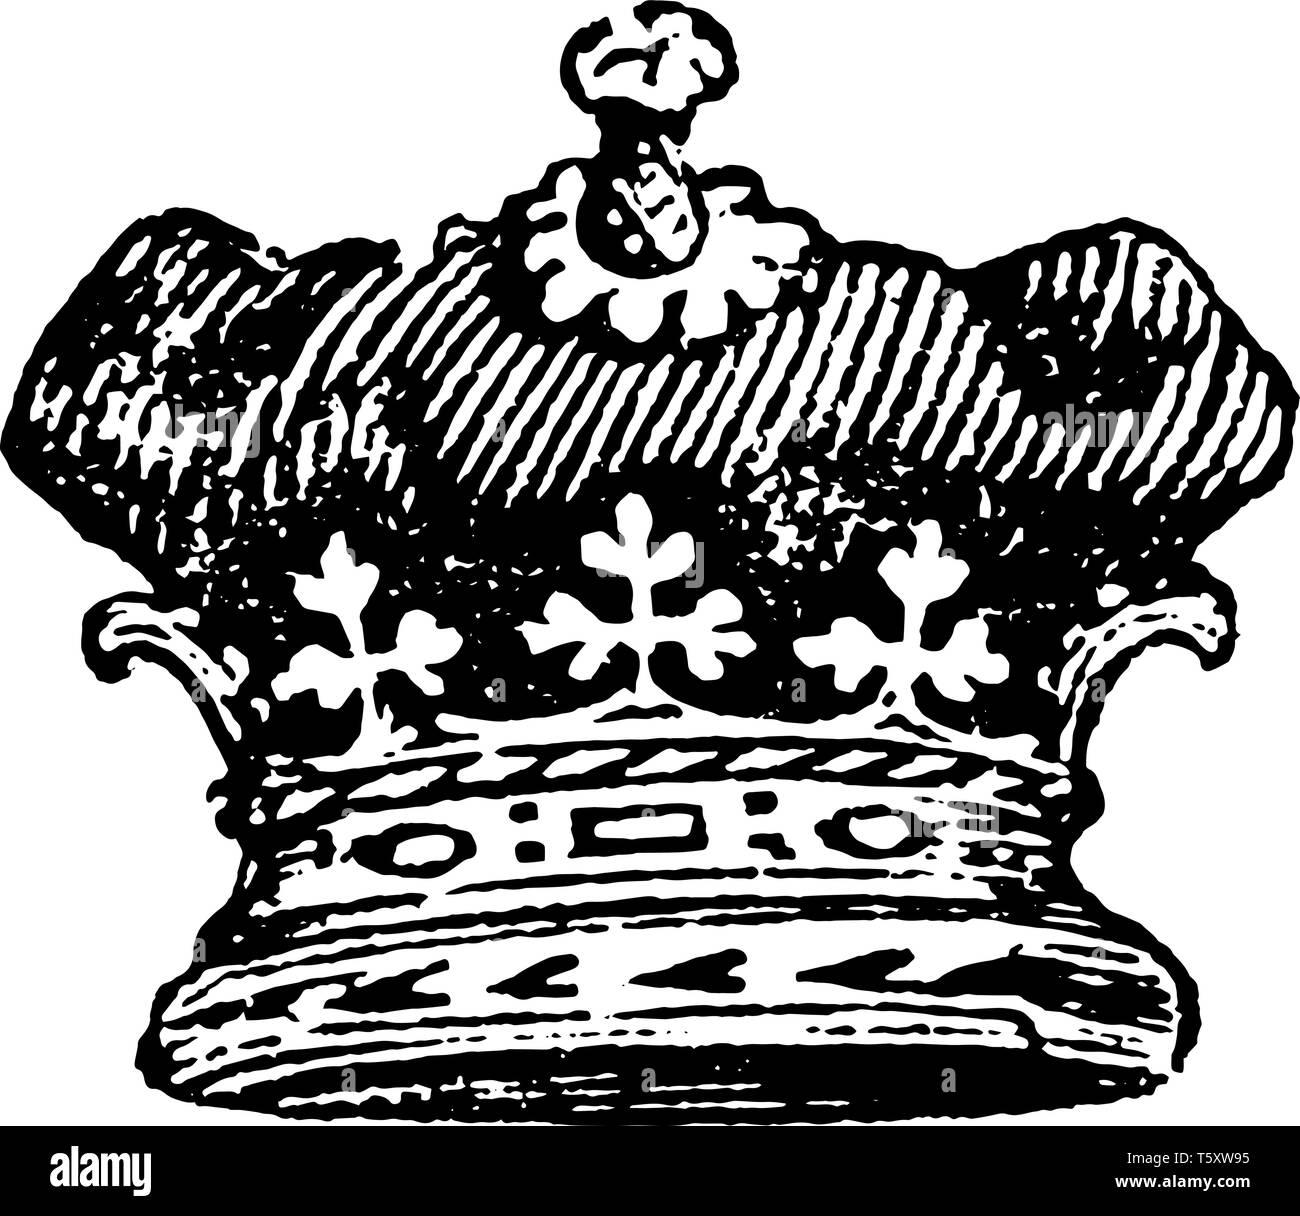 Duc Coronet est porté par un empereur, vintage dessin ou gravure illustration. Photo Stock